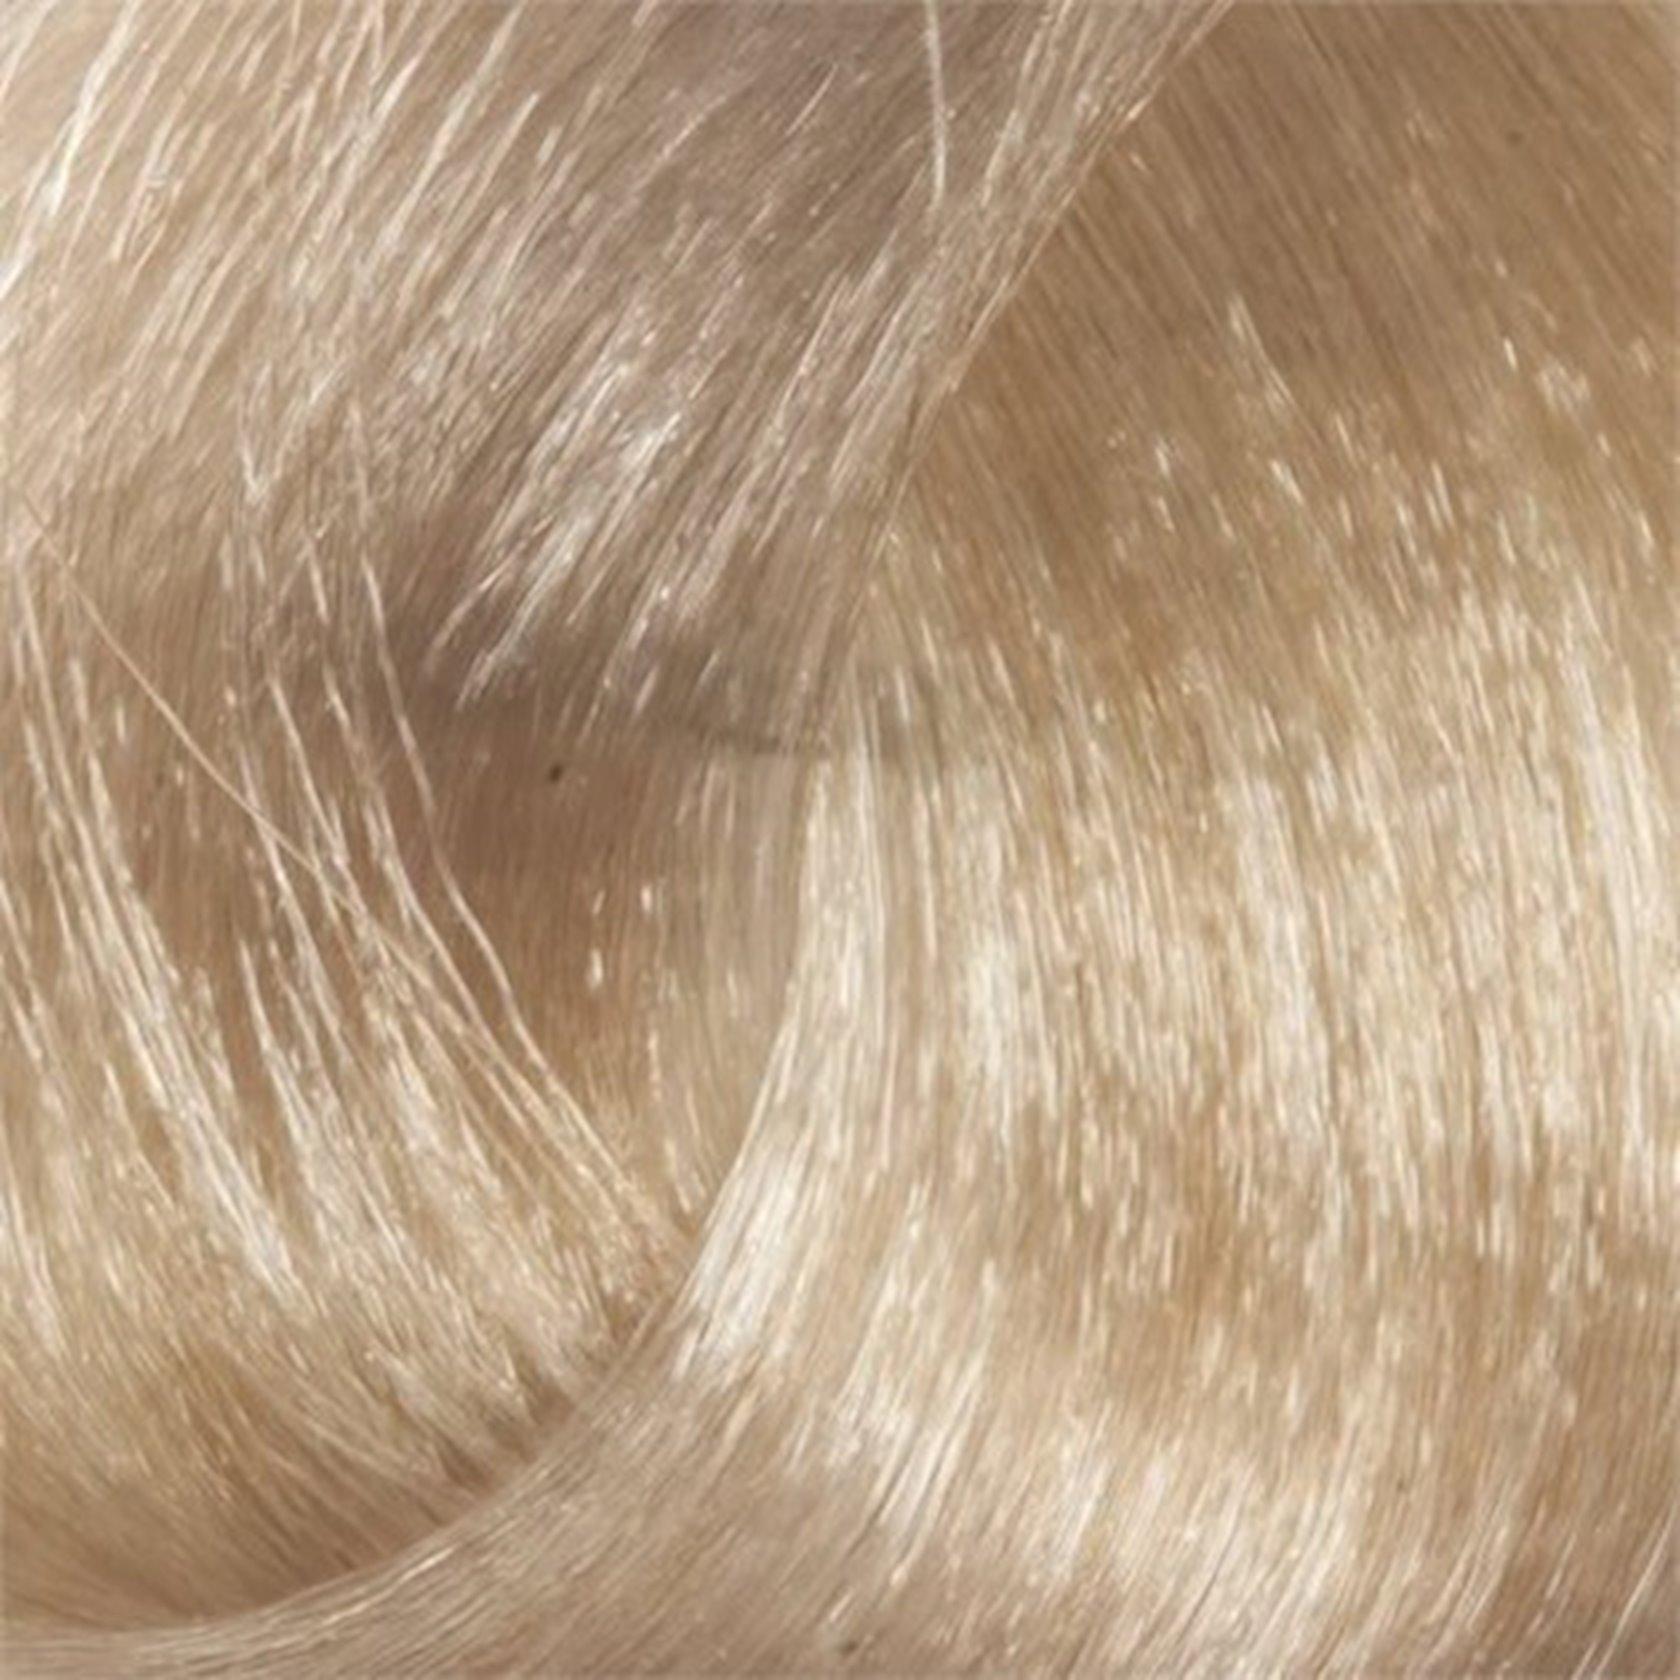 Saç üçün qalıcı krem boya Exicolor Permanent Hair Color Cream 100 ml №12.01 Yoğun Küllü Süper Açici, İntensiv kül super açıcı